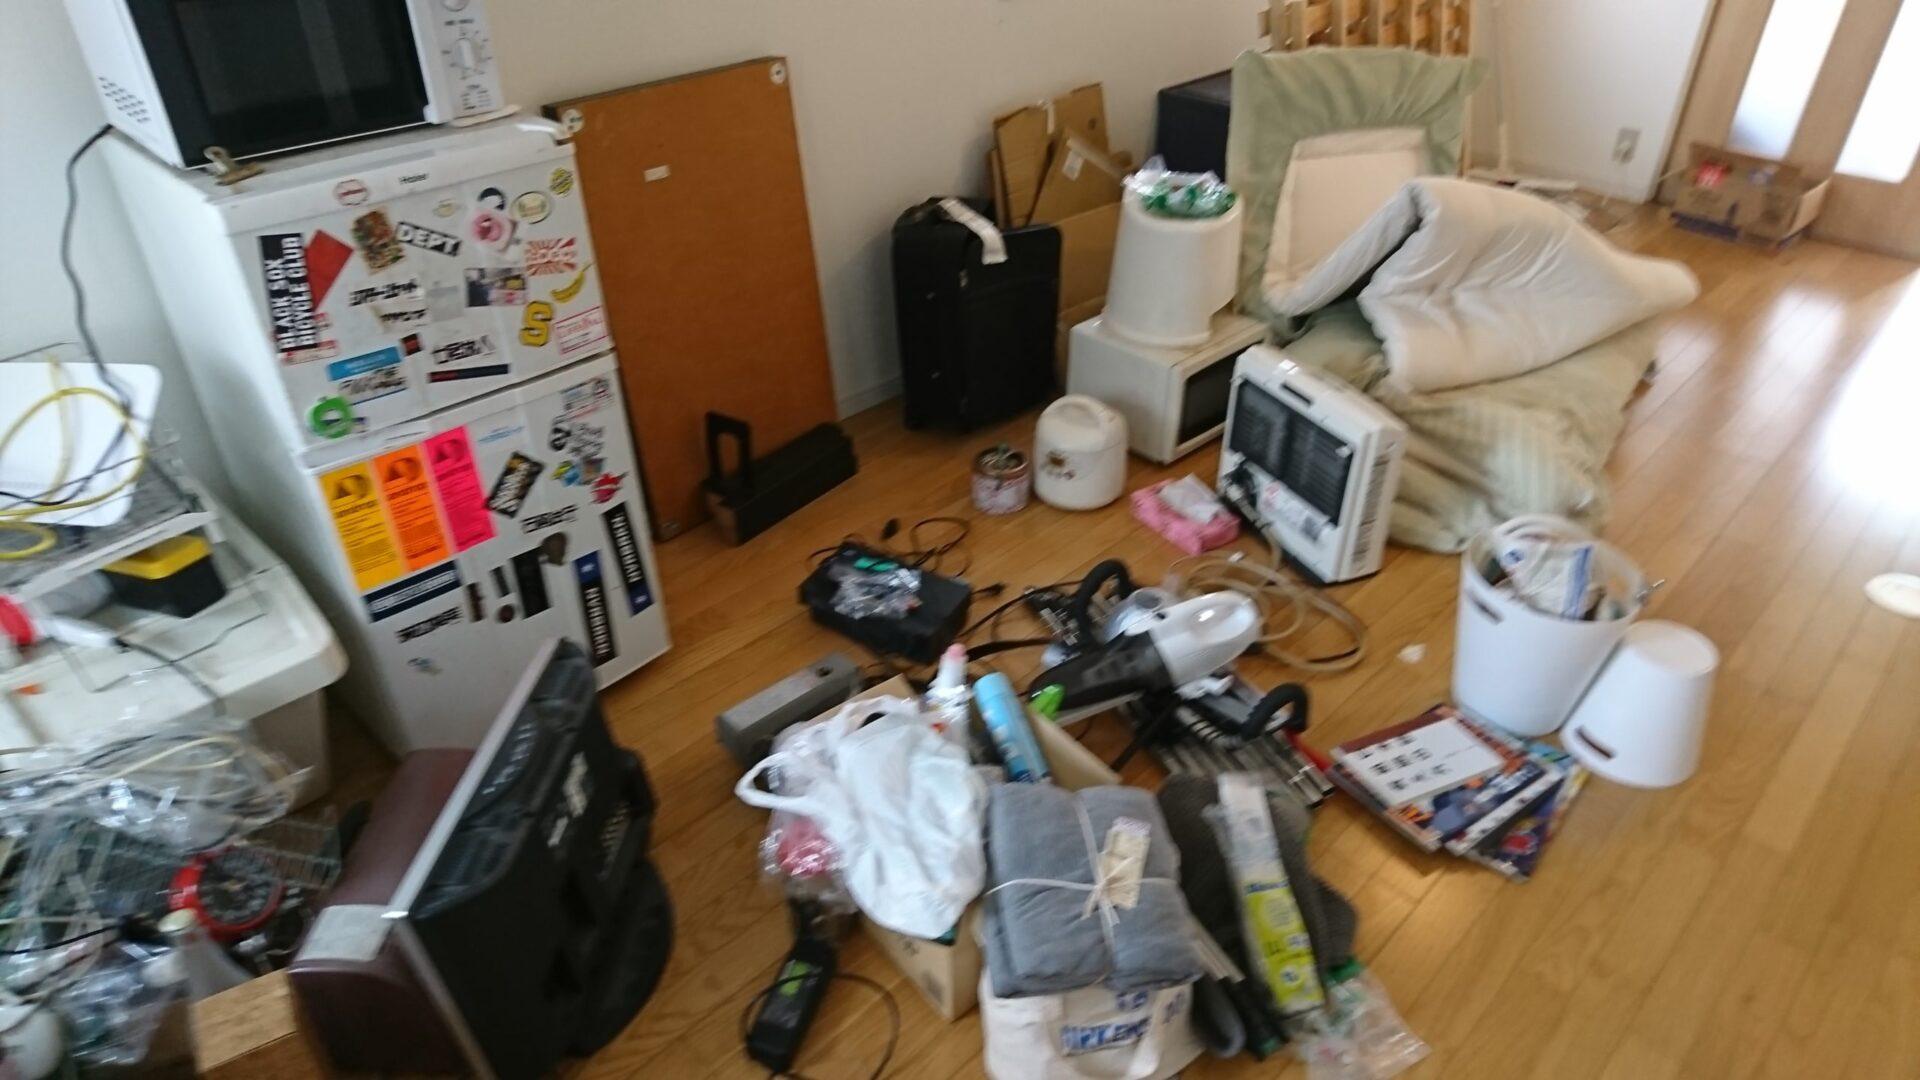 【愛知県名古屋市中川区】小家電や布団などの出張回収